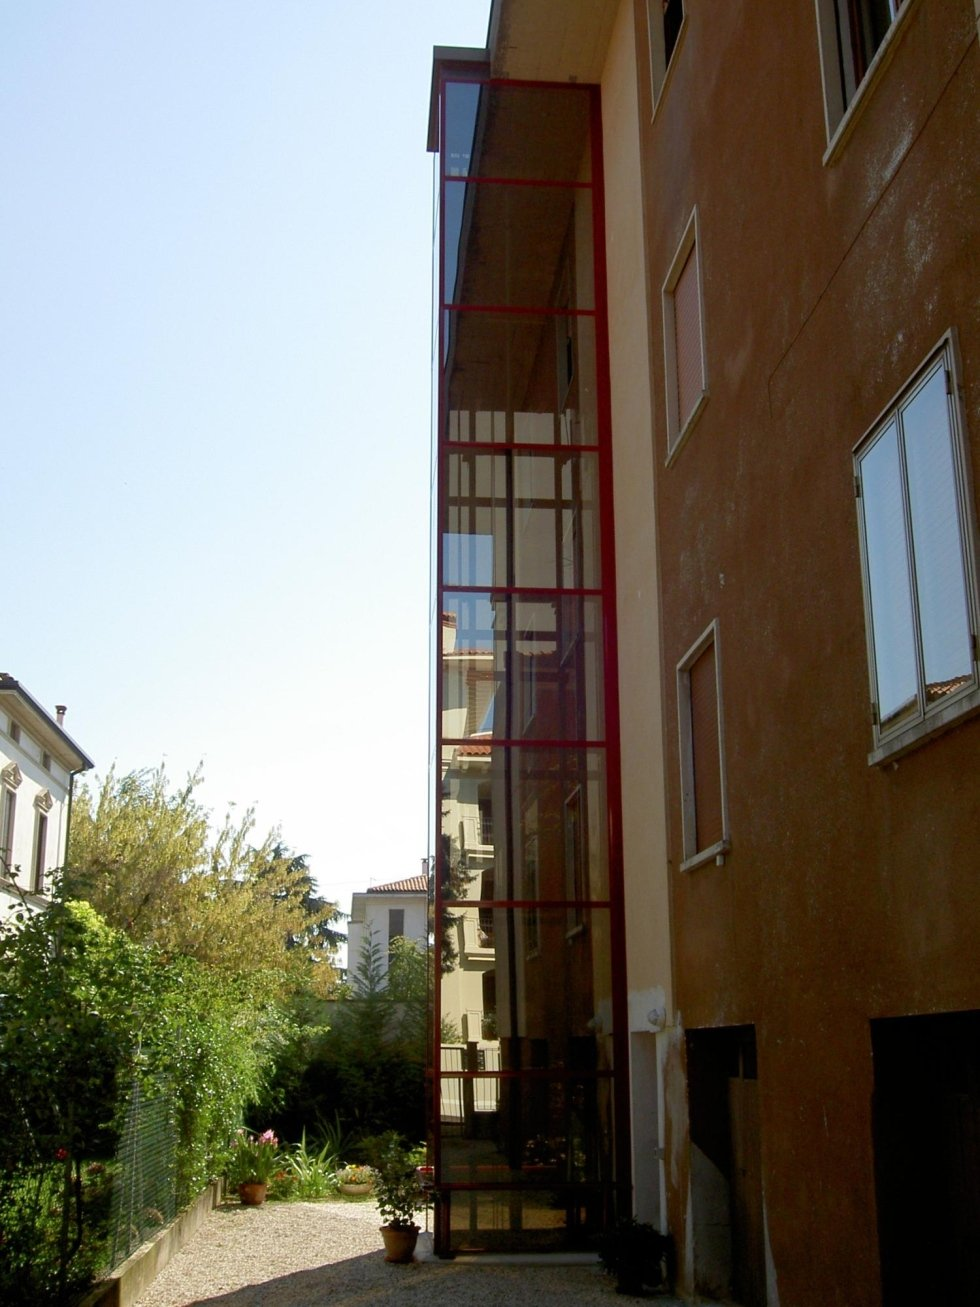 vista laterale di un edificio con ascensore  panoramico in vetro e profili rossi